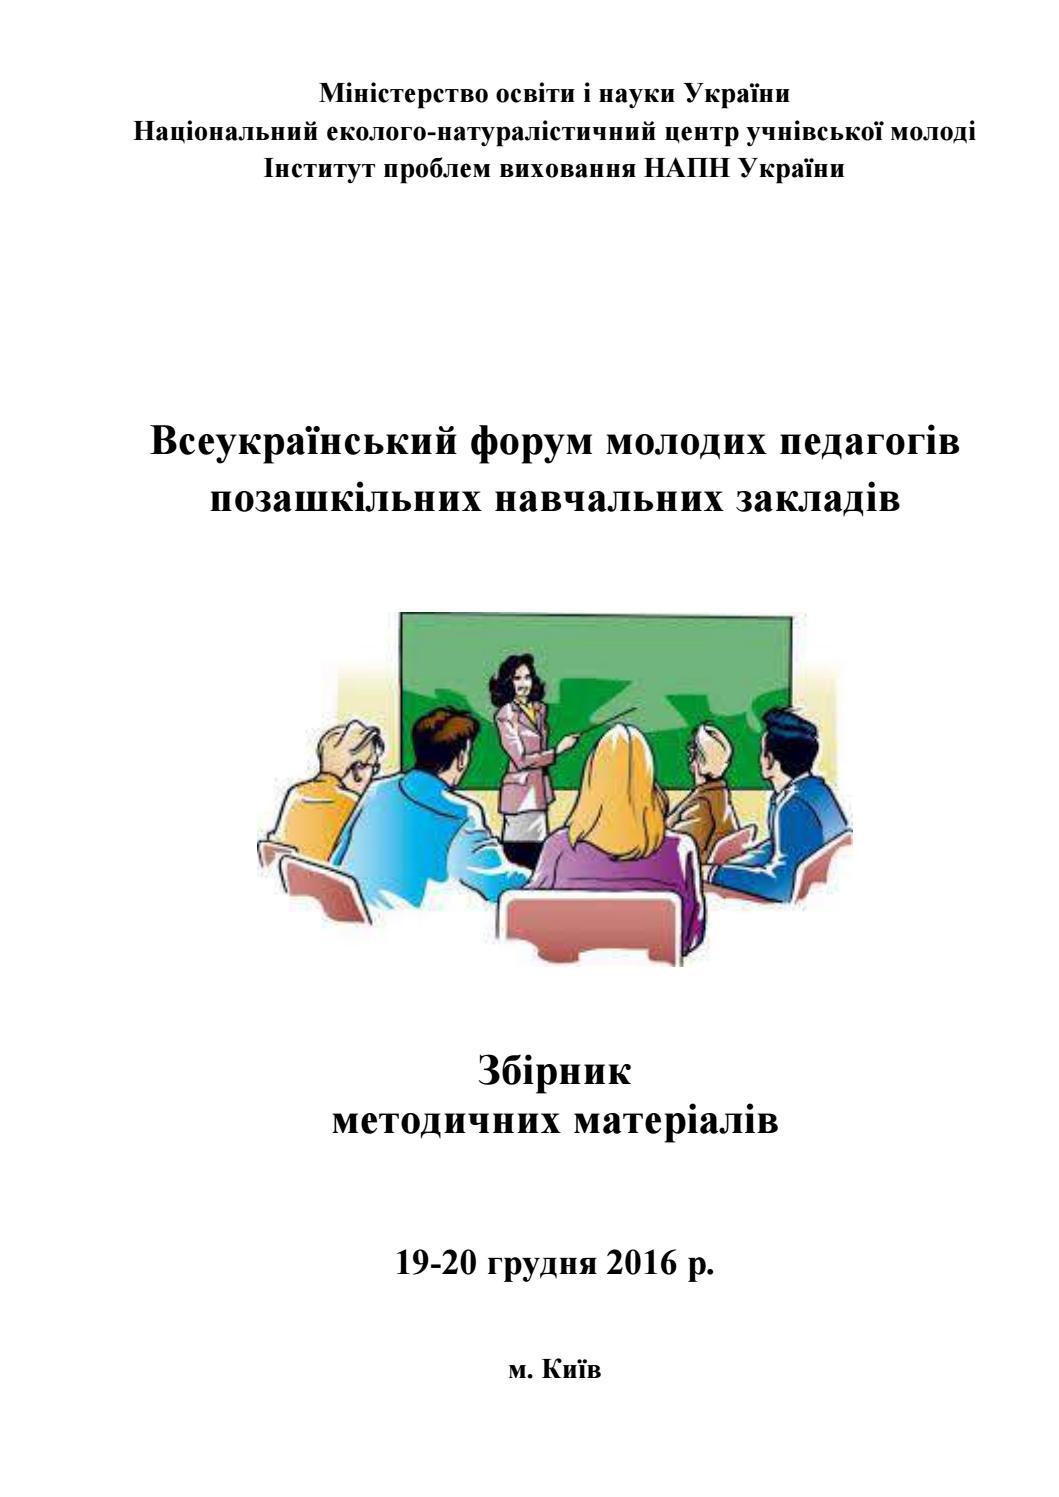 Всеукраїнський форум молодих педагогів позашкільних навчальних закладів by  НЕНЦ - issuu 3ebfa04dbd573